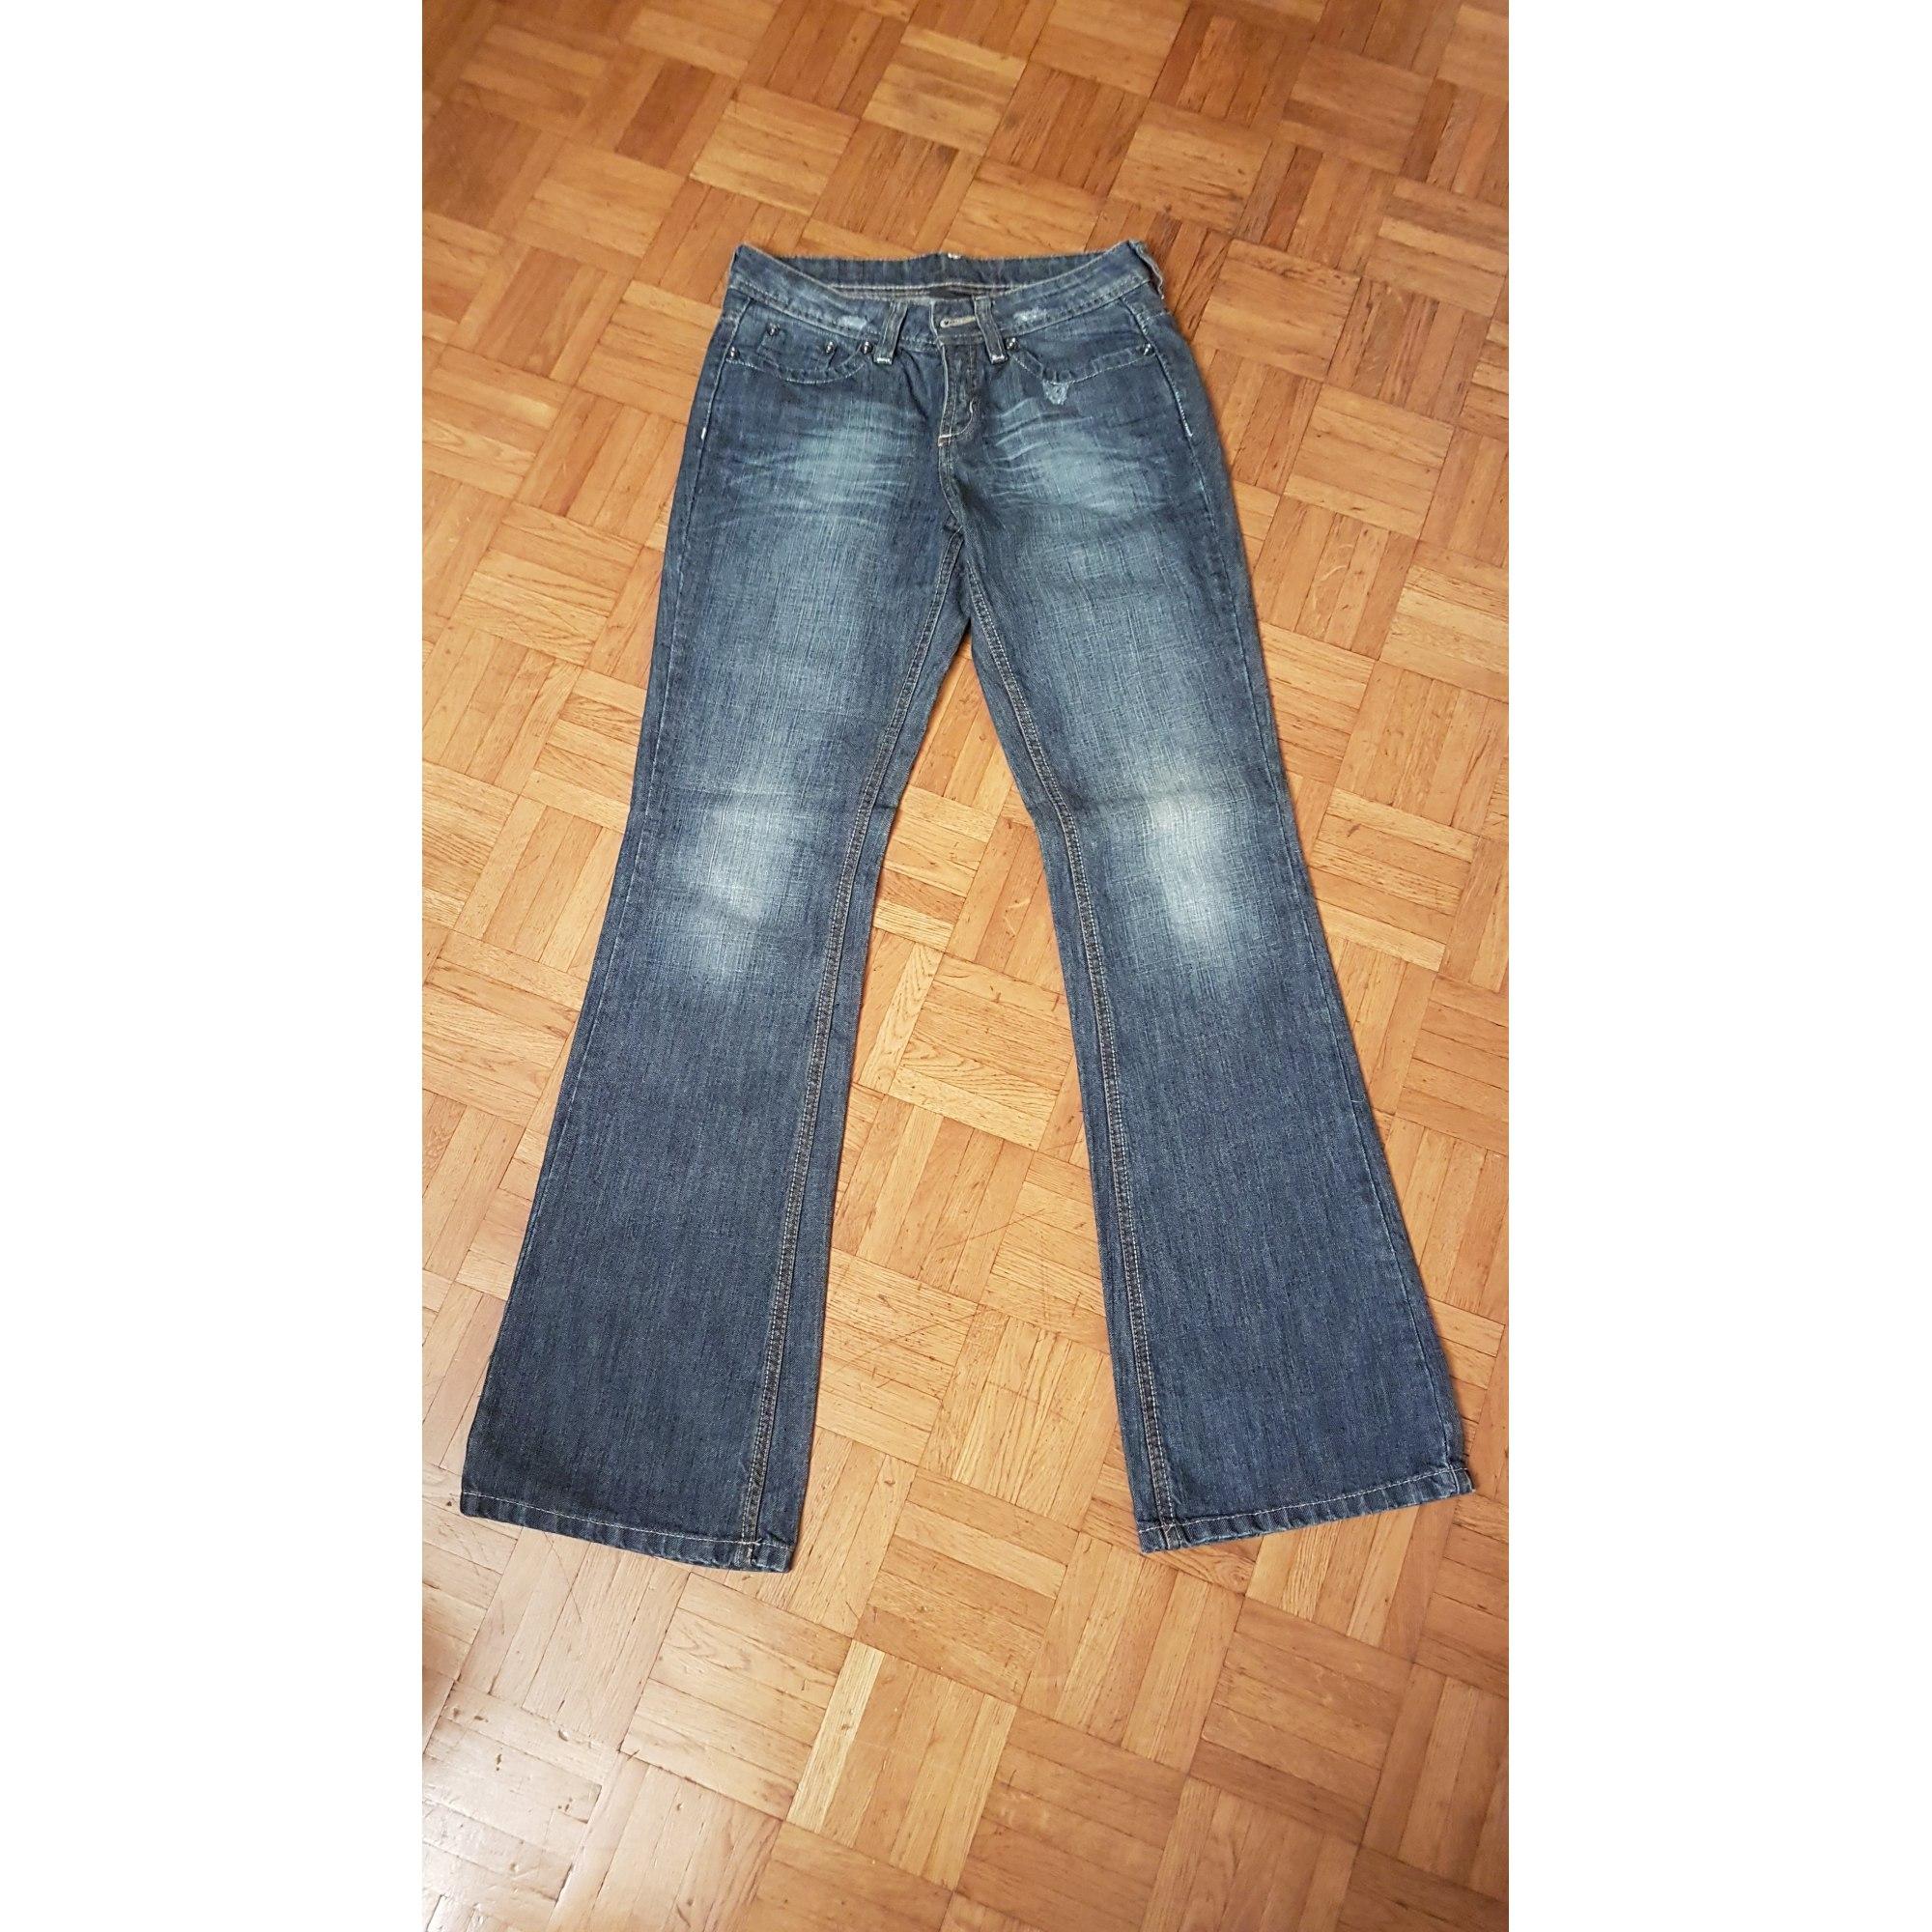 a pies en precio especial para gama completa de especificaciones Jeans évasé, boot-cut